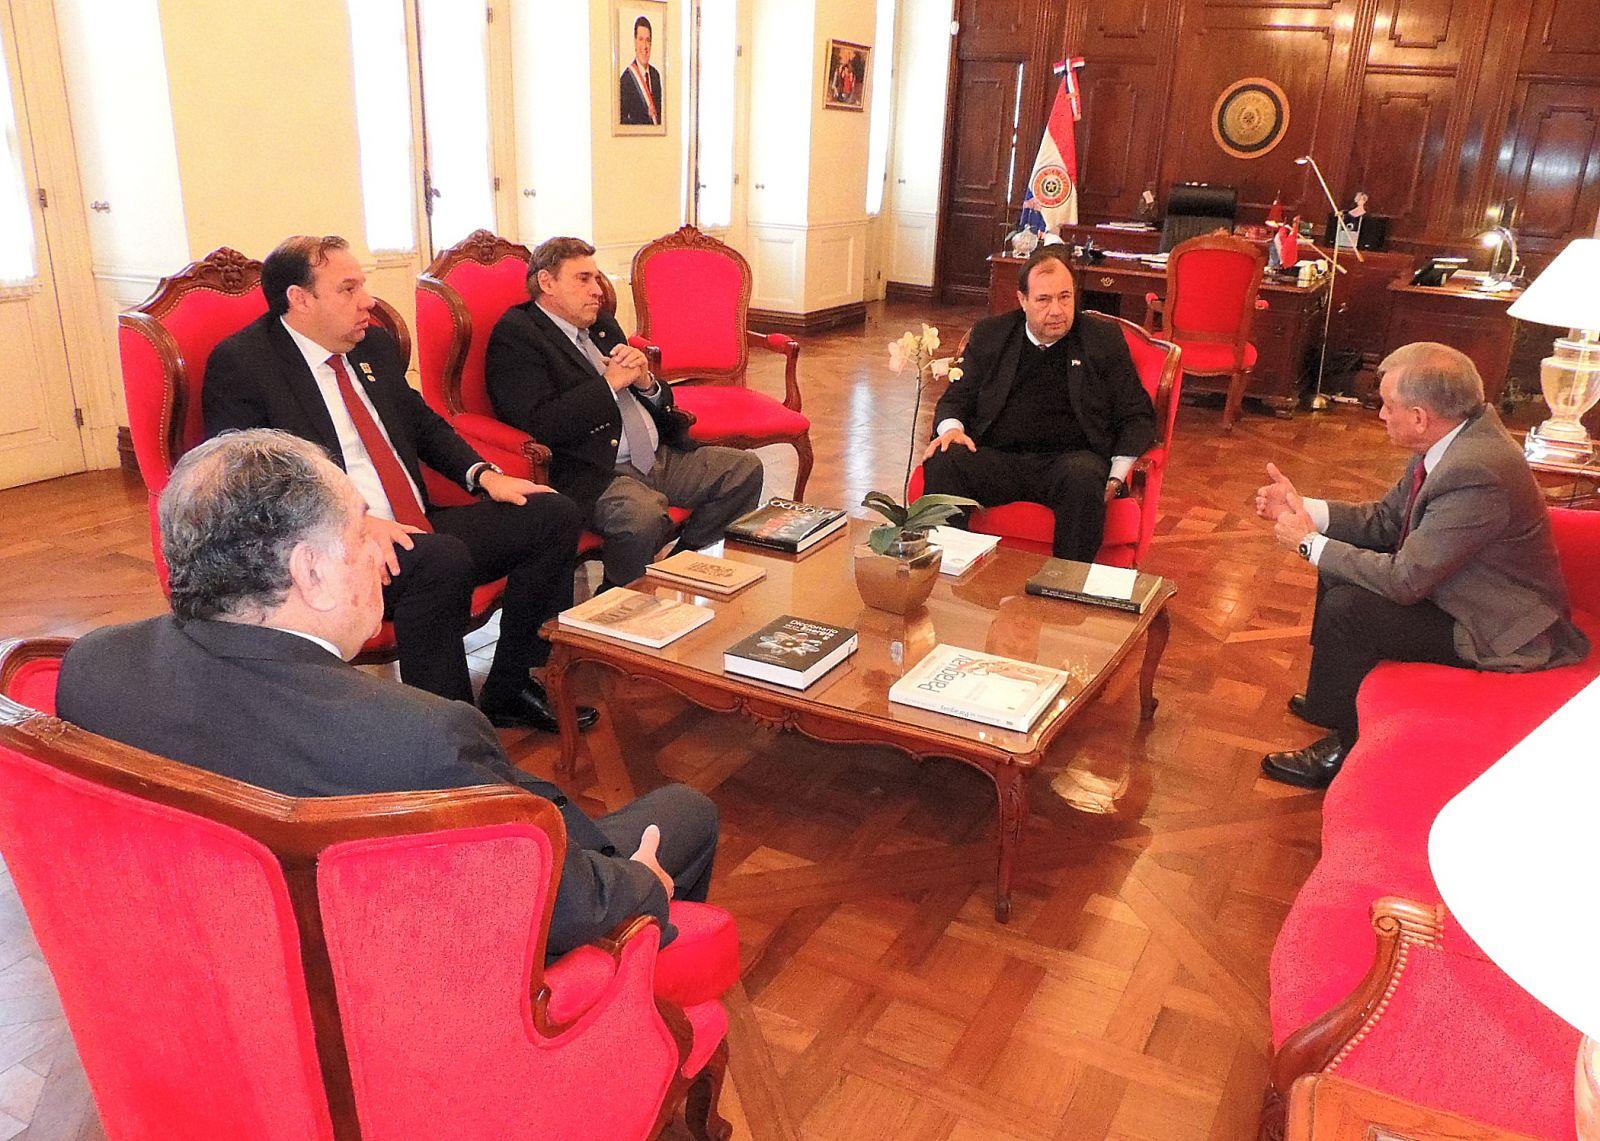 Vicepresidente de la República recibió en audiencia a directivos de la Expo